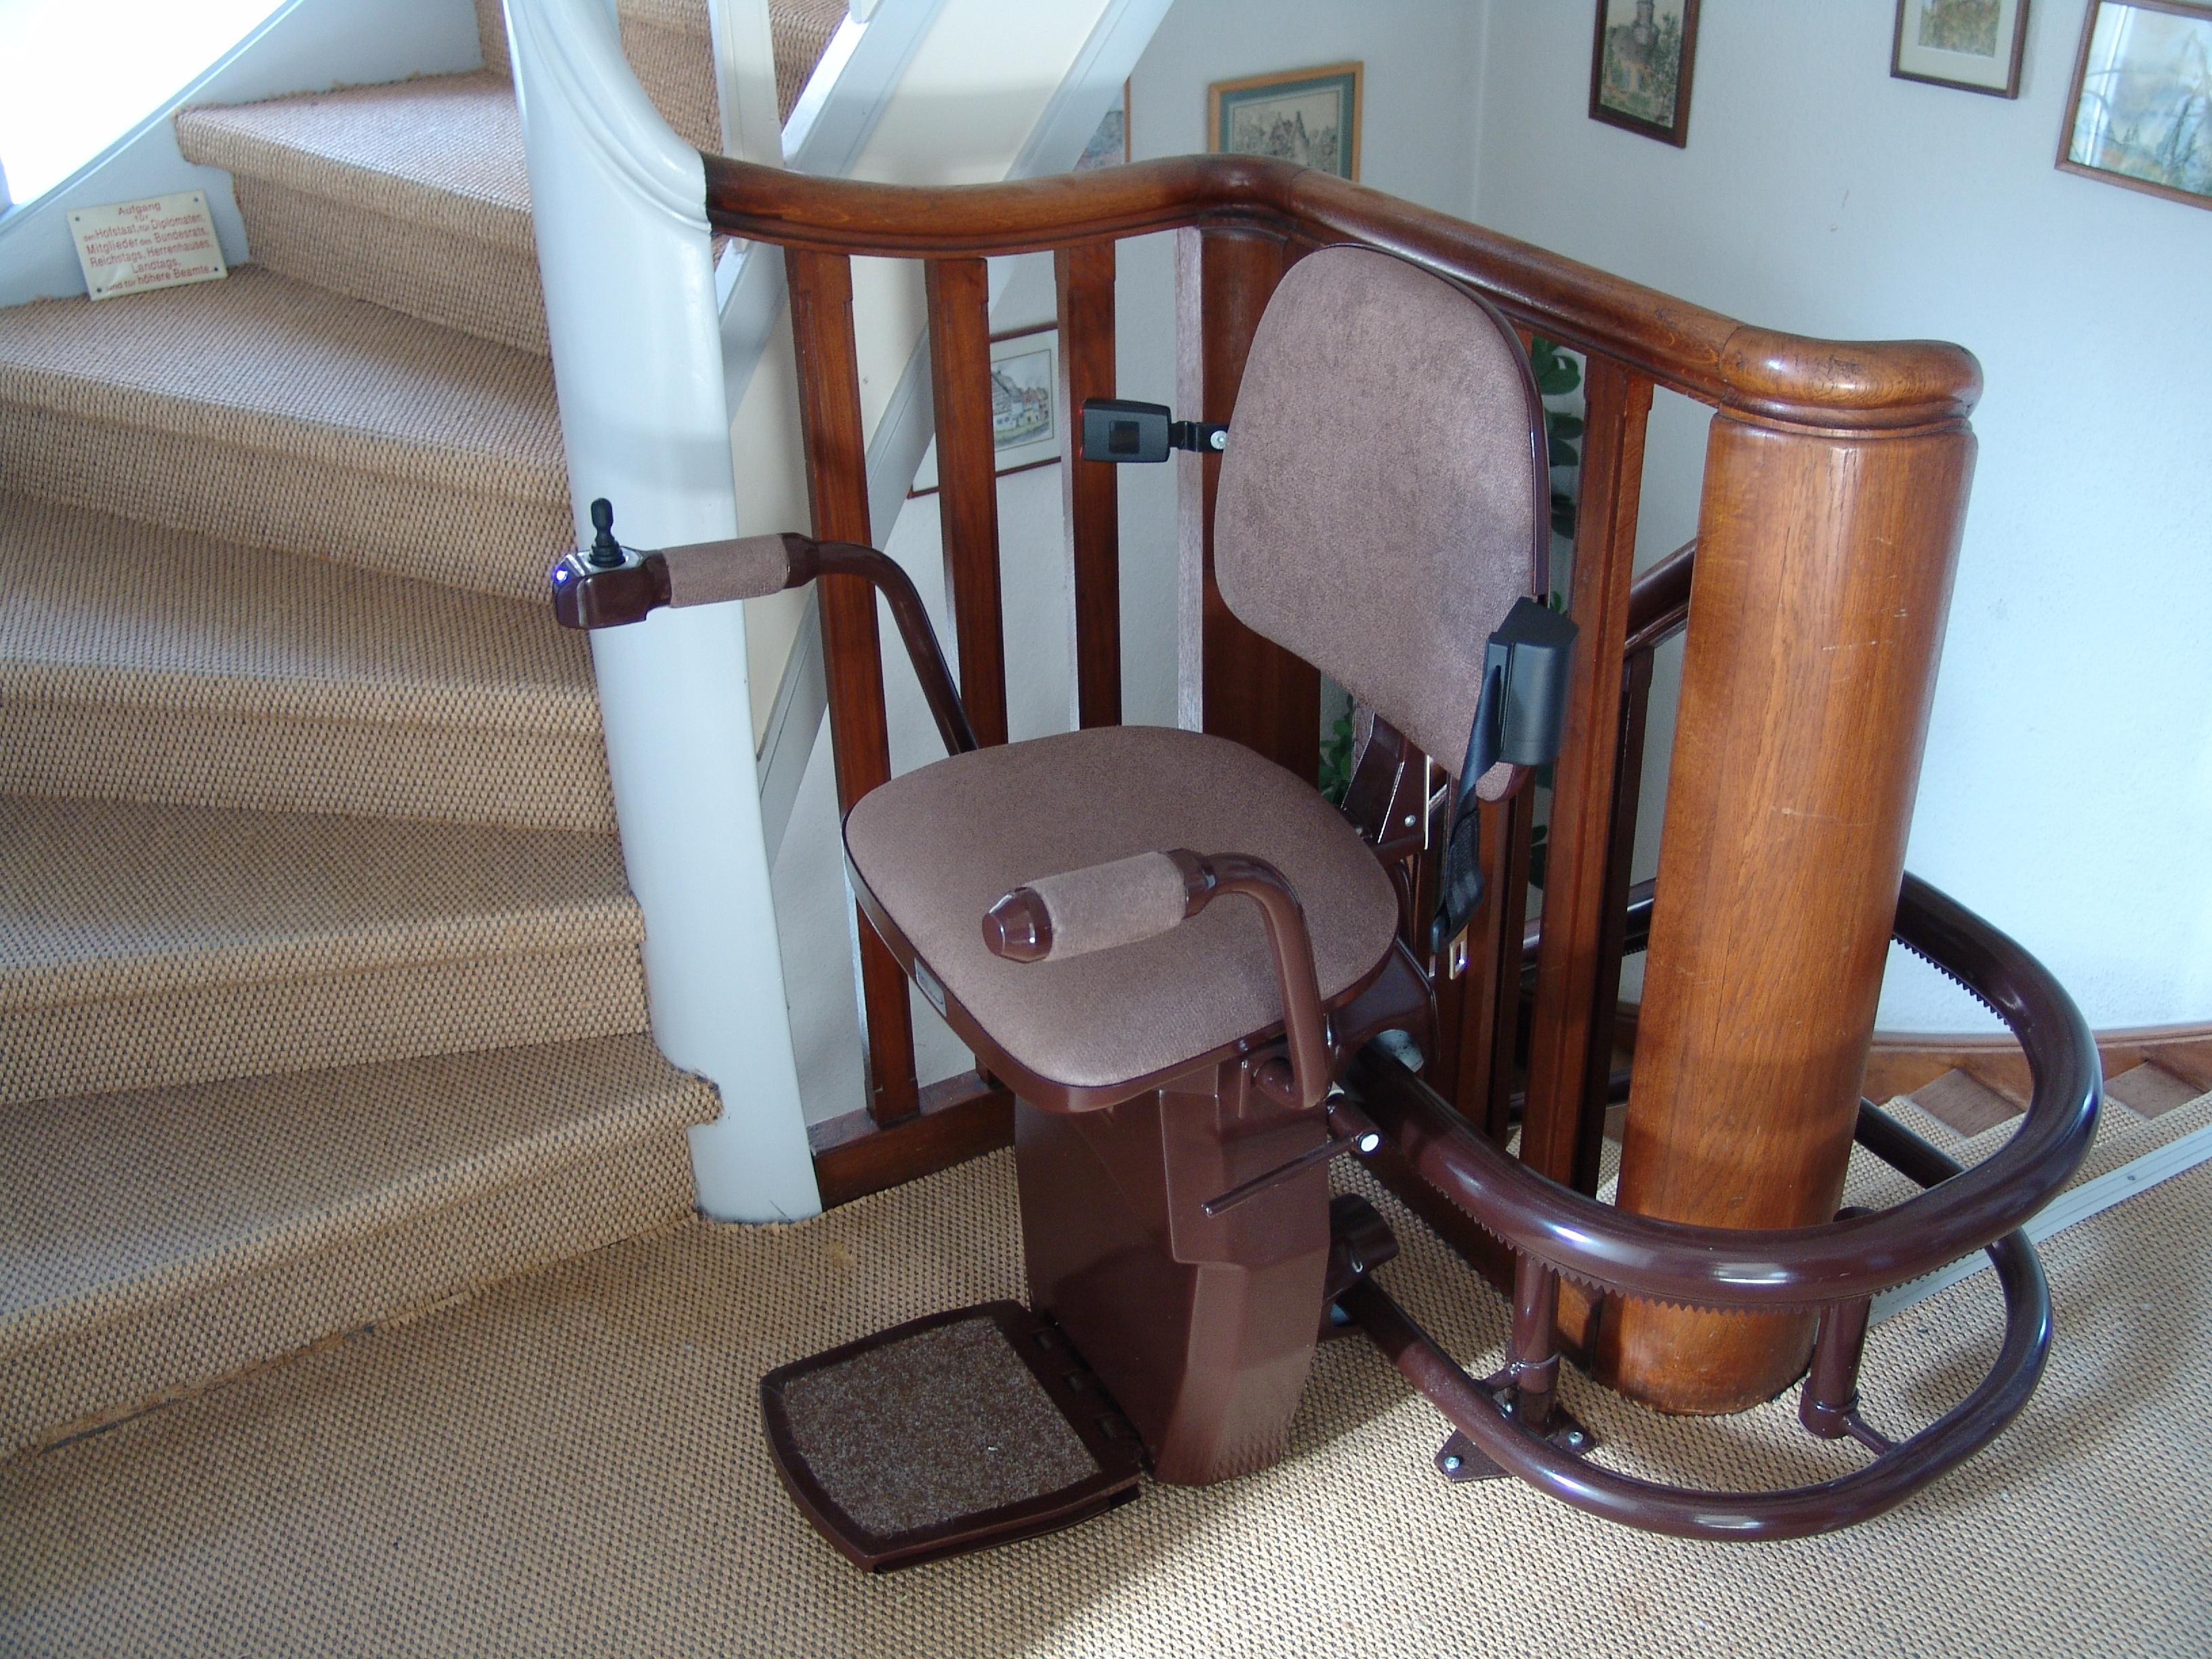 treppenlift kaufen worauf muss ich achten fragdenstein de. Black Bedroom Furniture Sets. Home Design Ideas